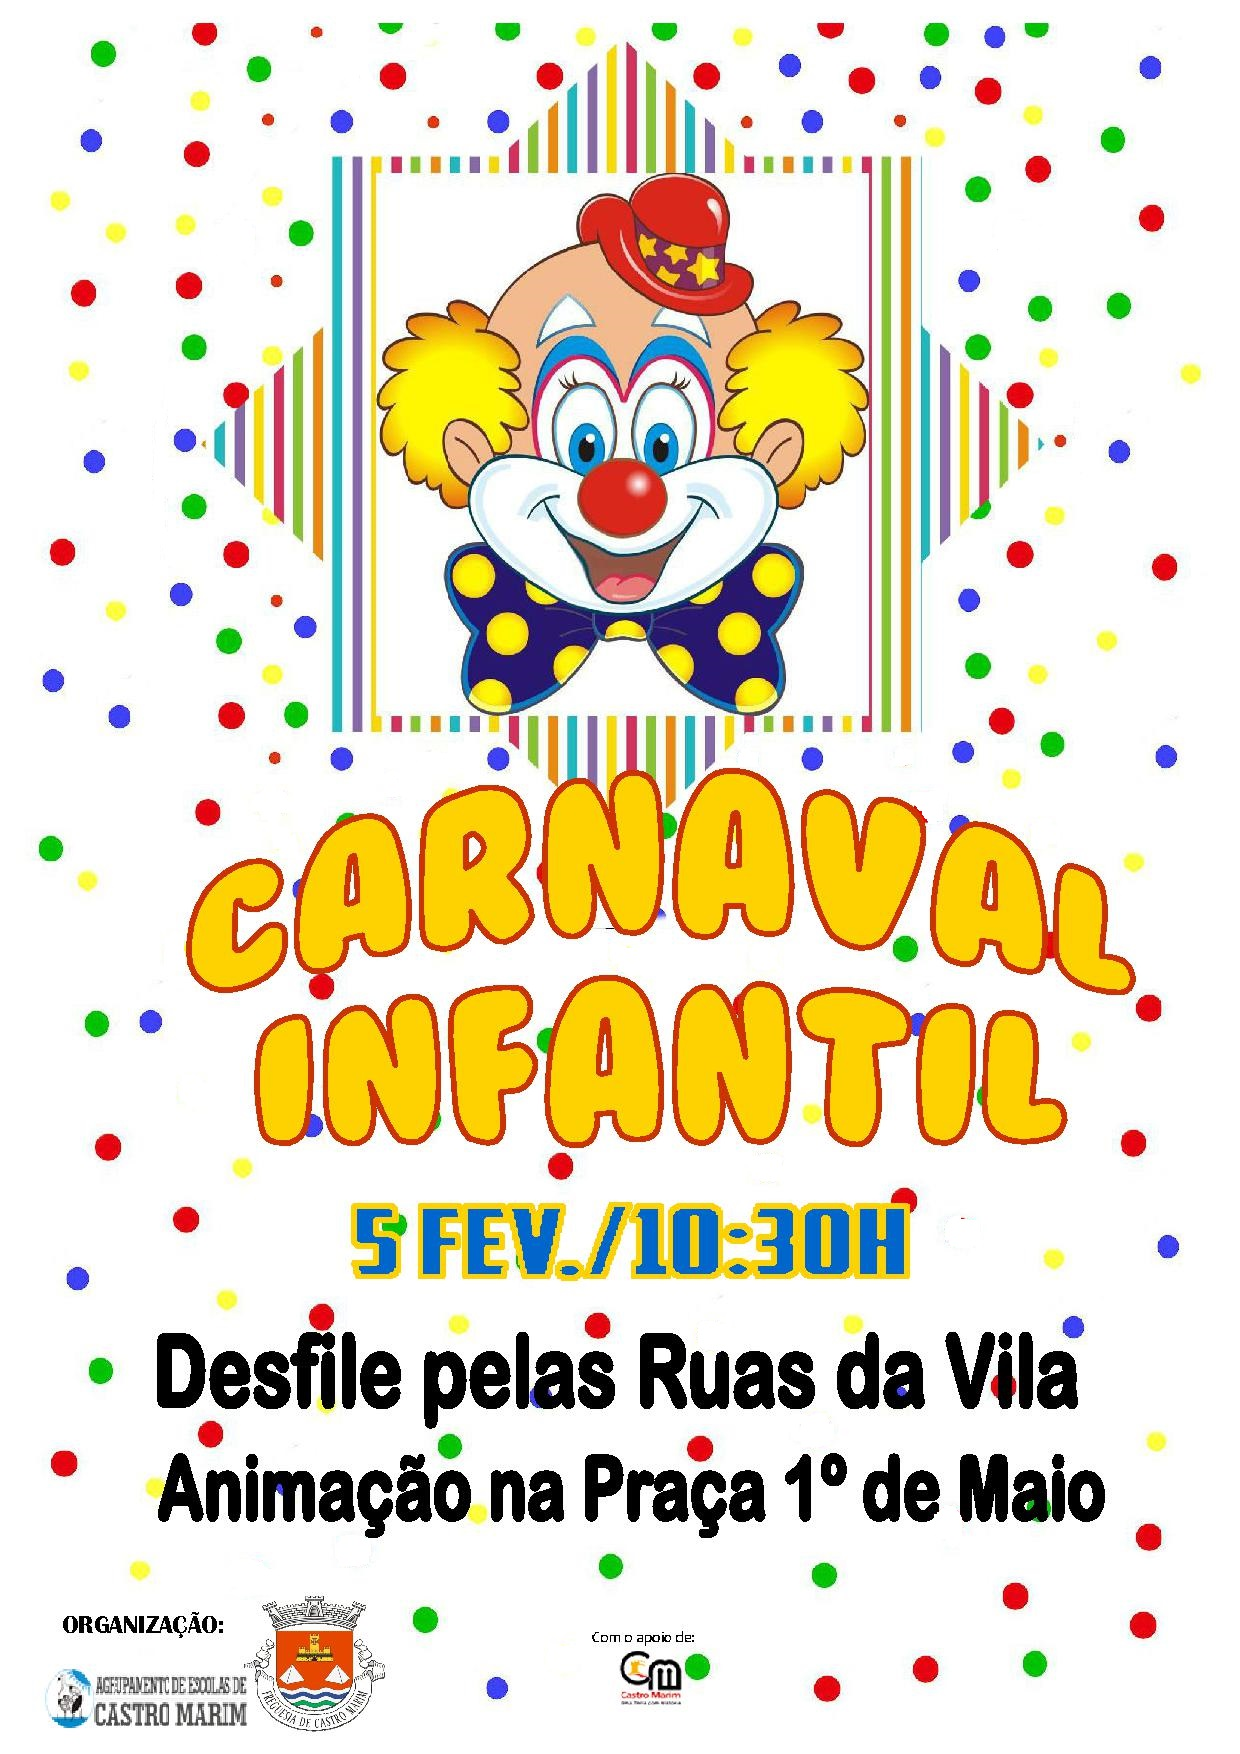 Carnaval Infantil_Cartaz